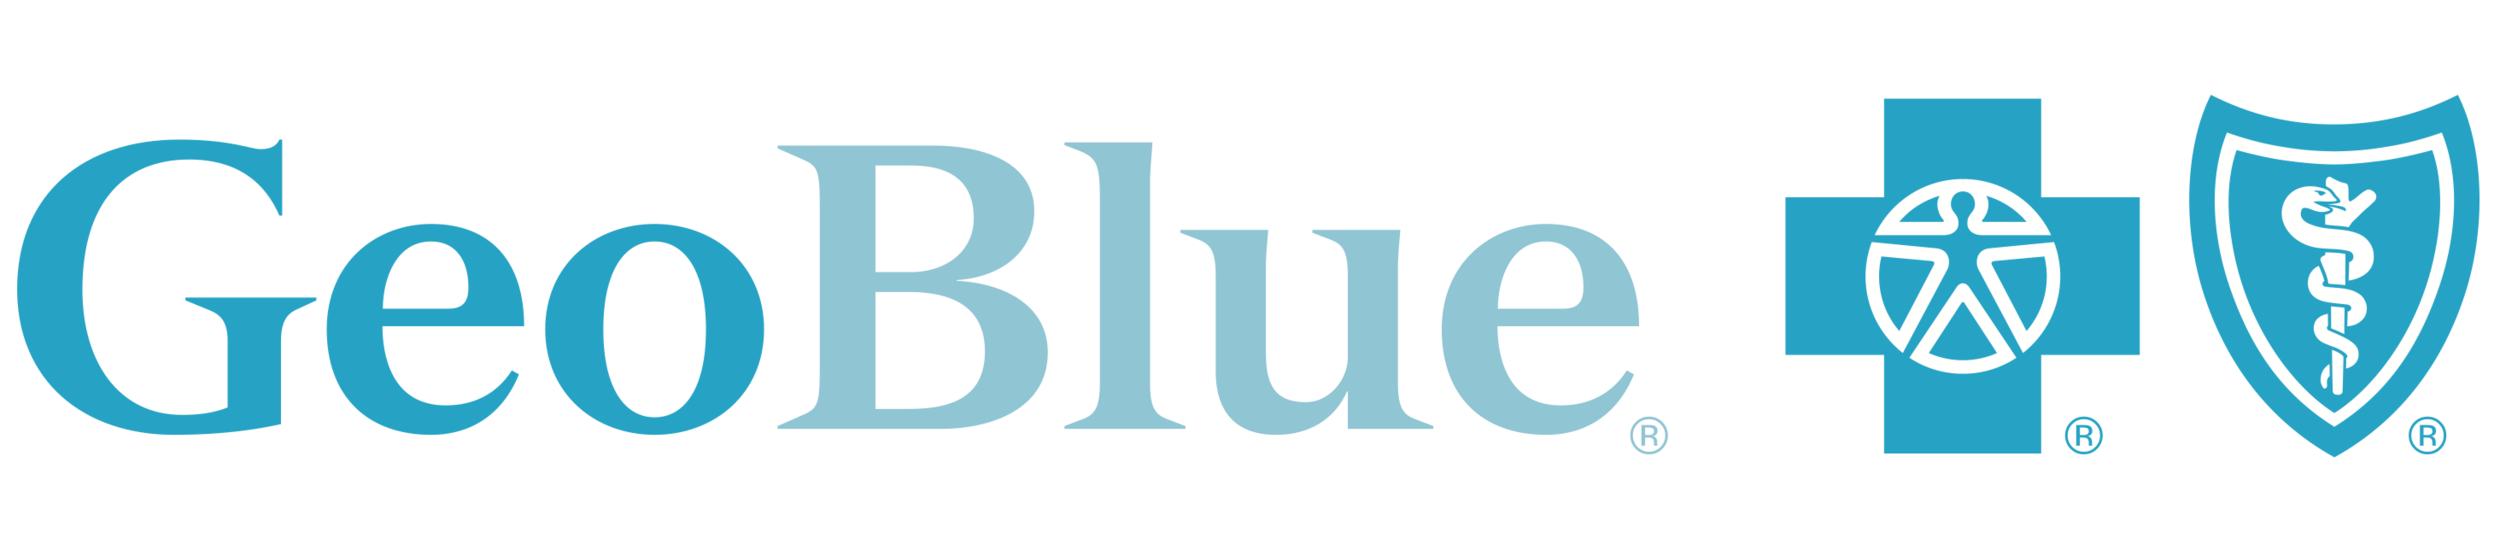 GeoBlue_CROSS-SHIELD.png